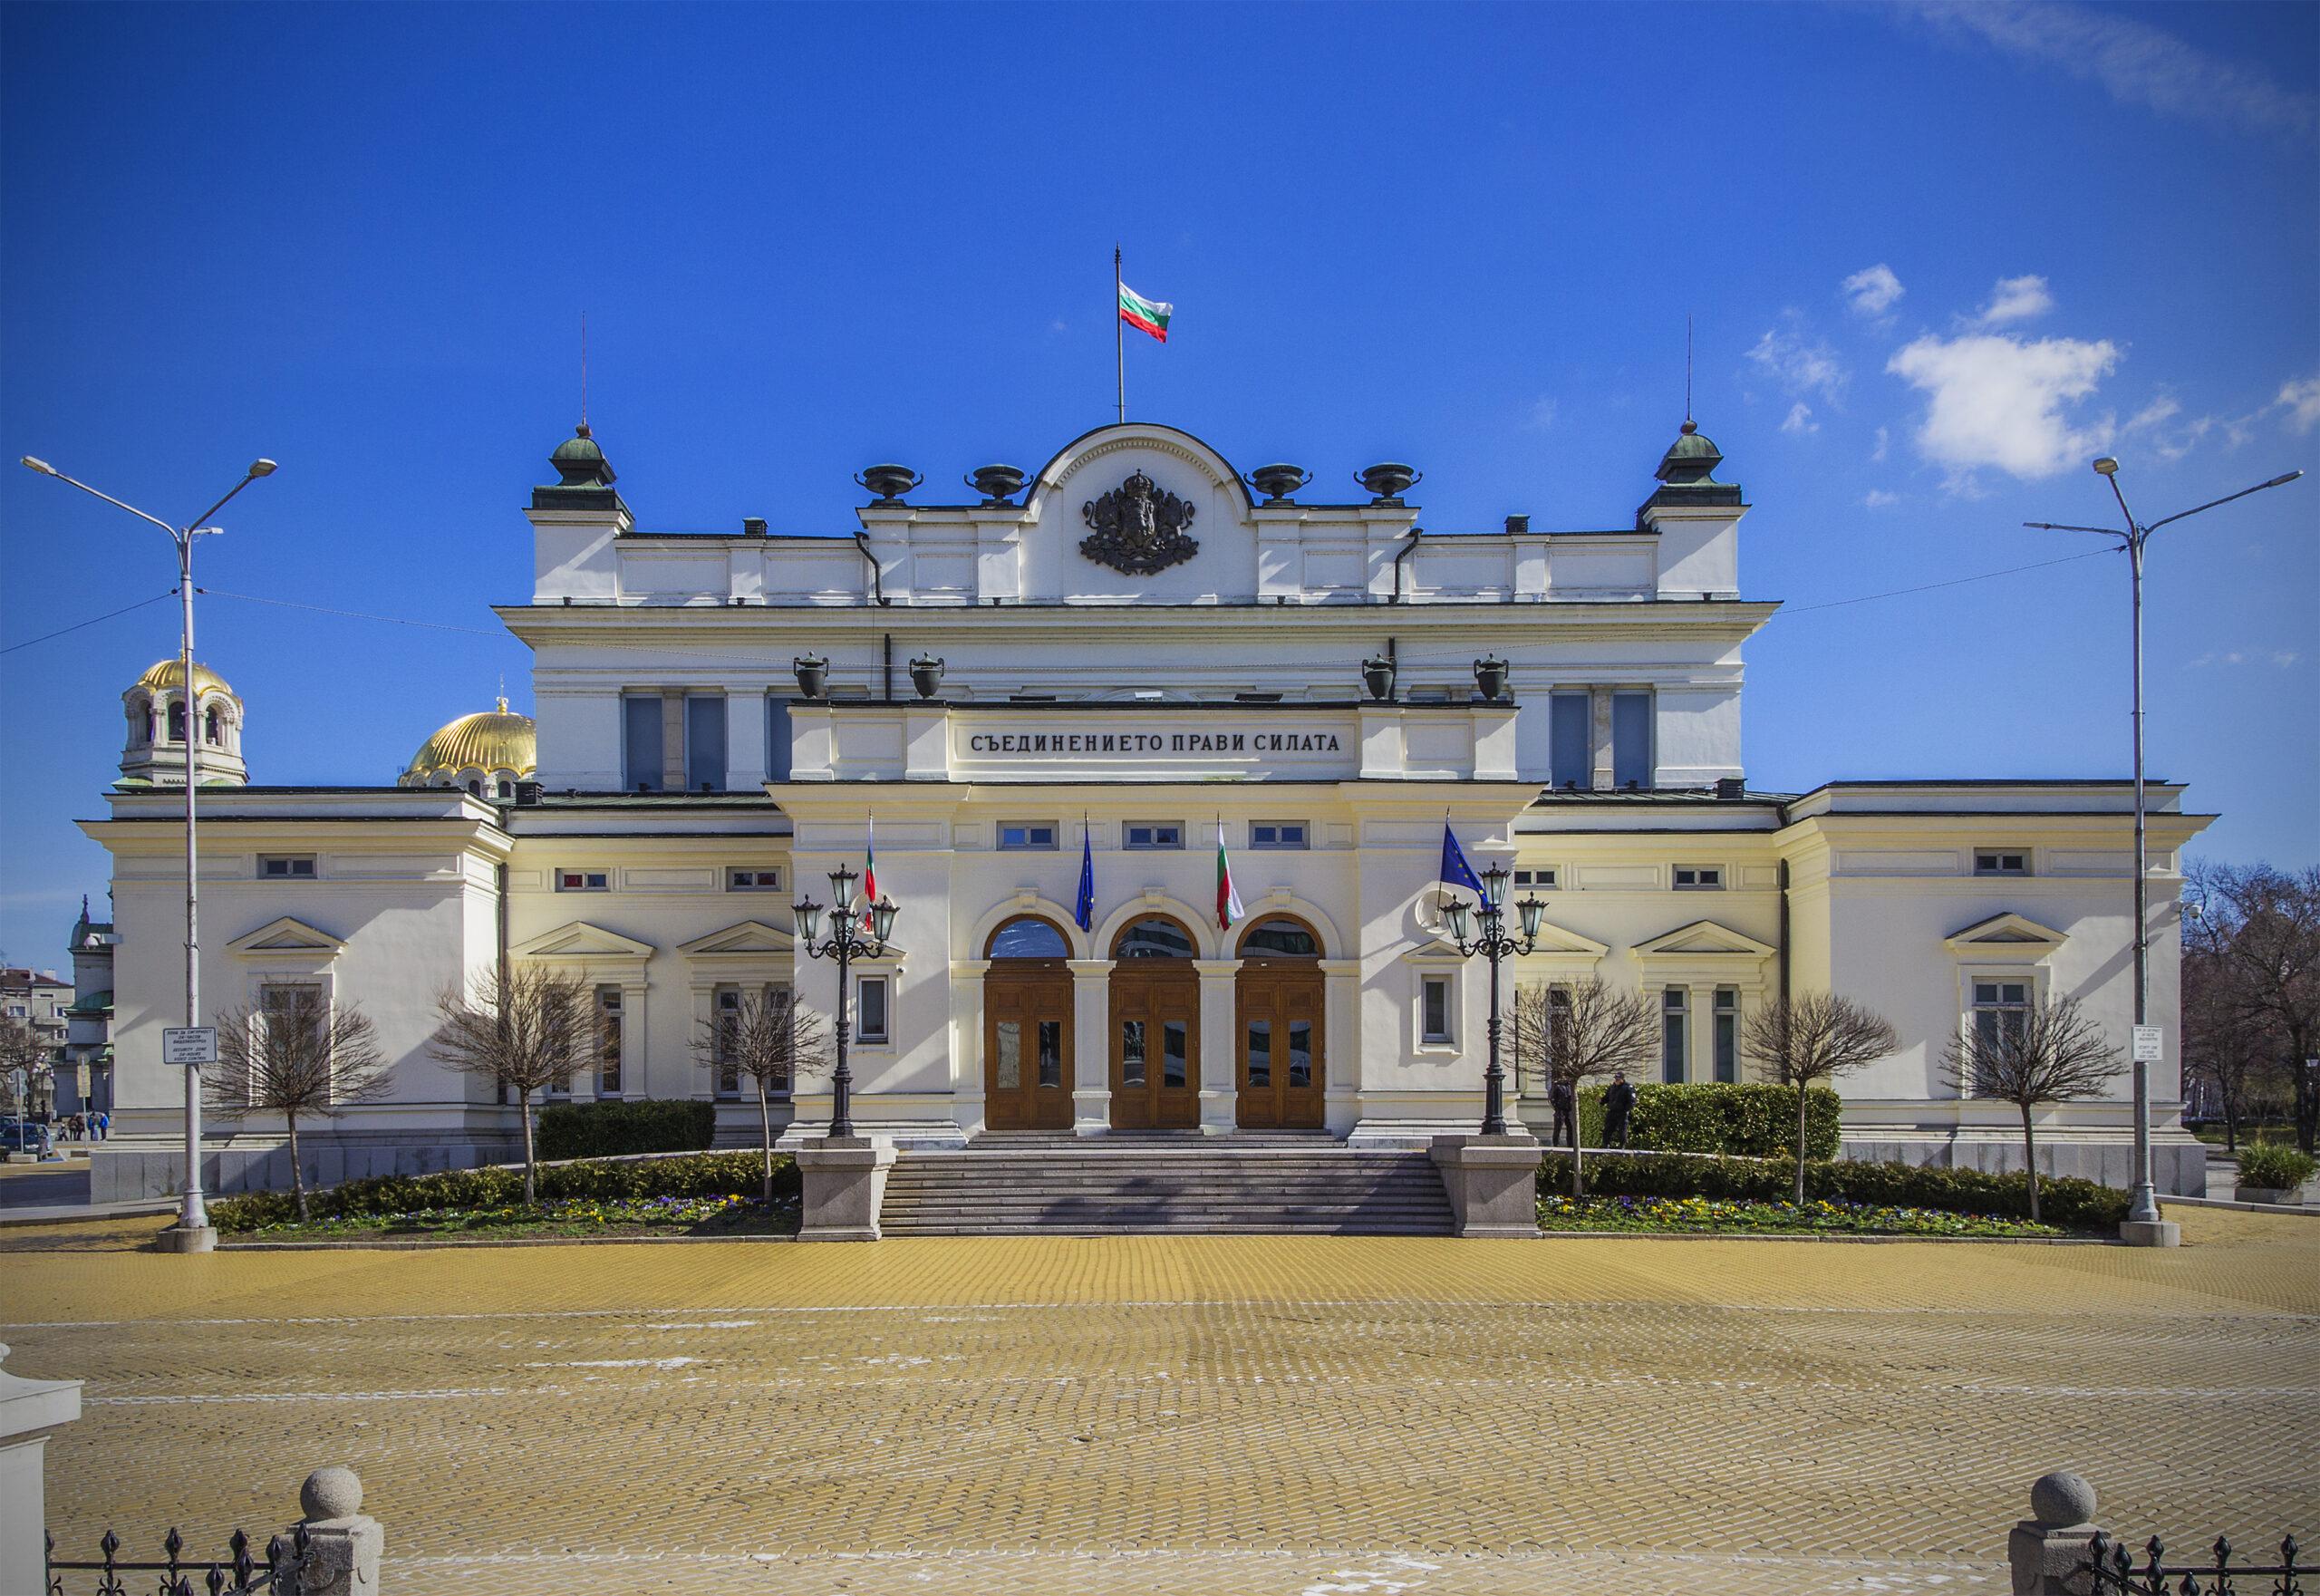 Bułgaria. W ciągu kilku dni parlament zostanie rozwiązany